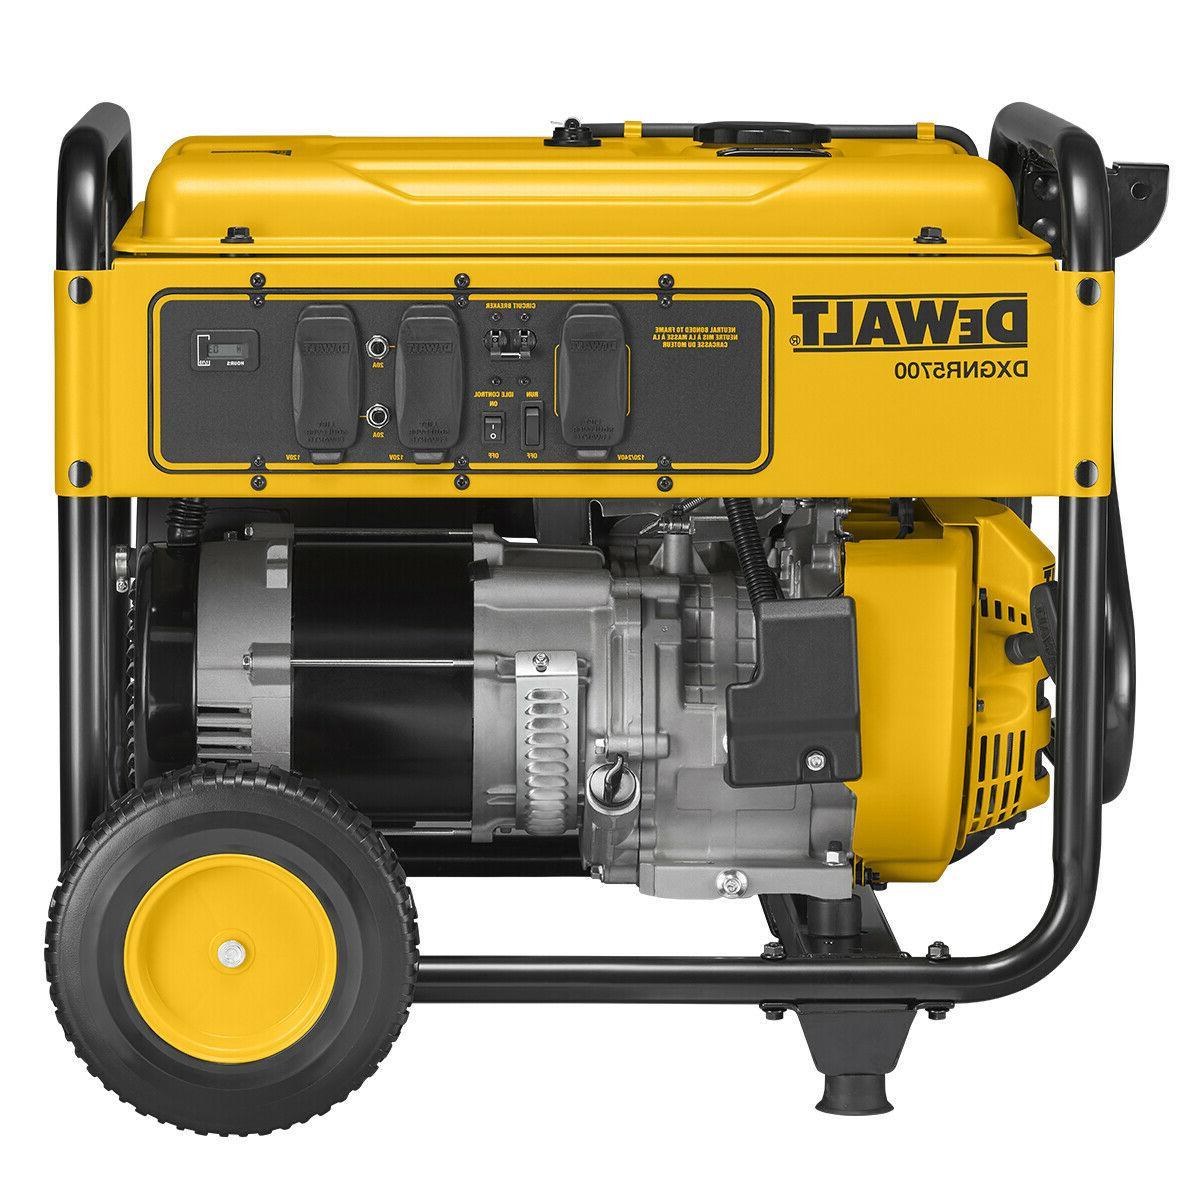 Watt 7125 49 ST